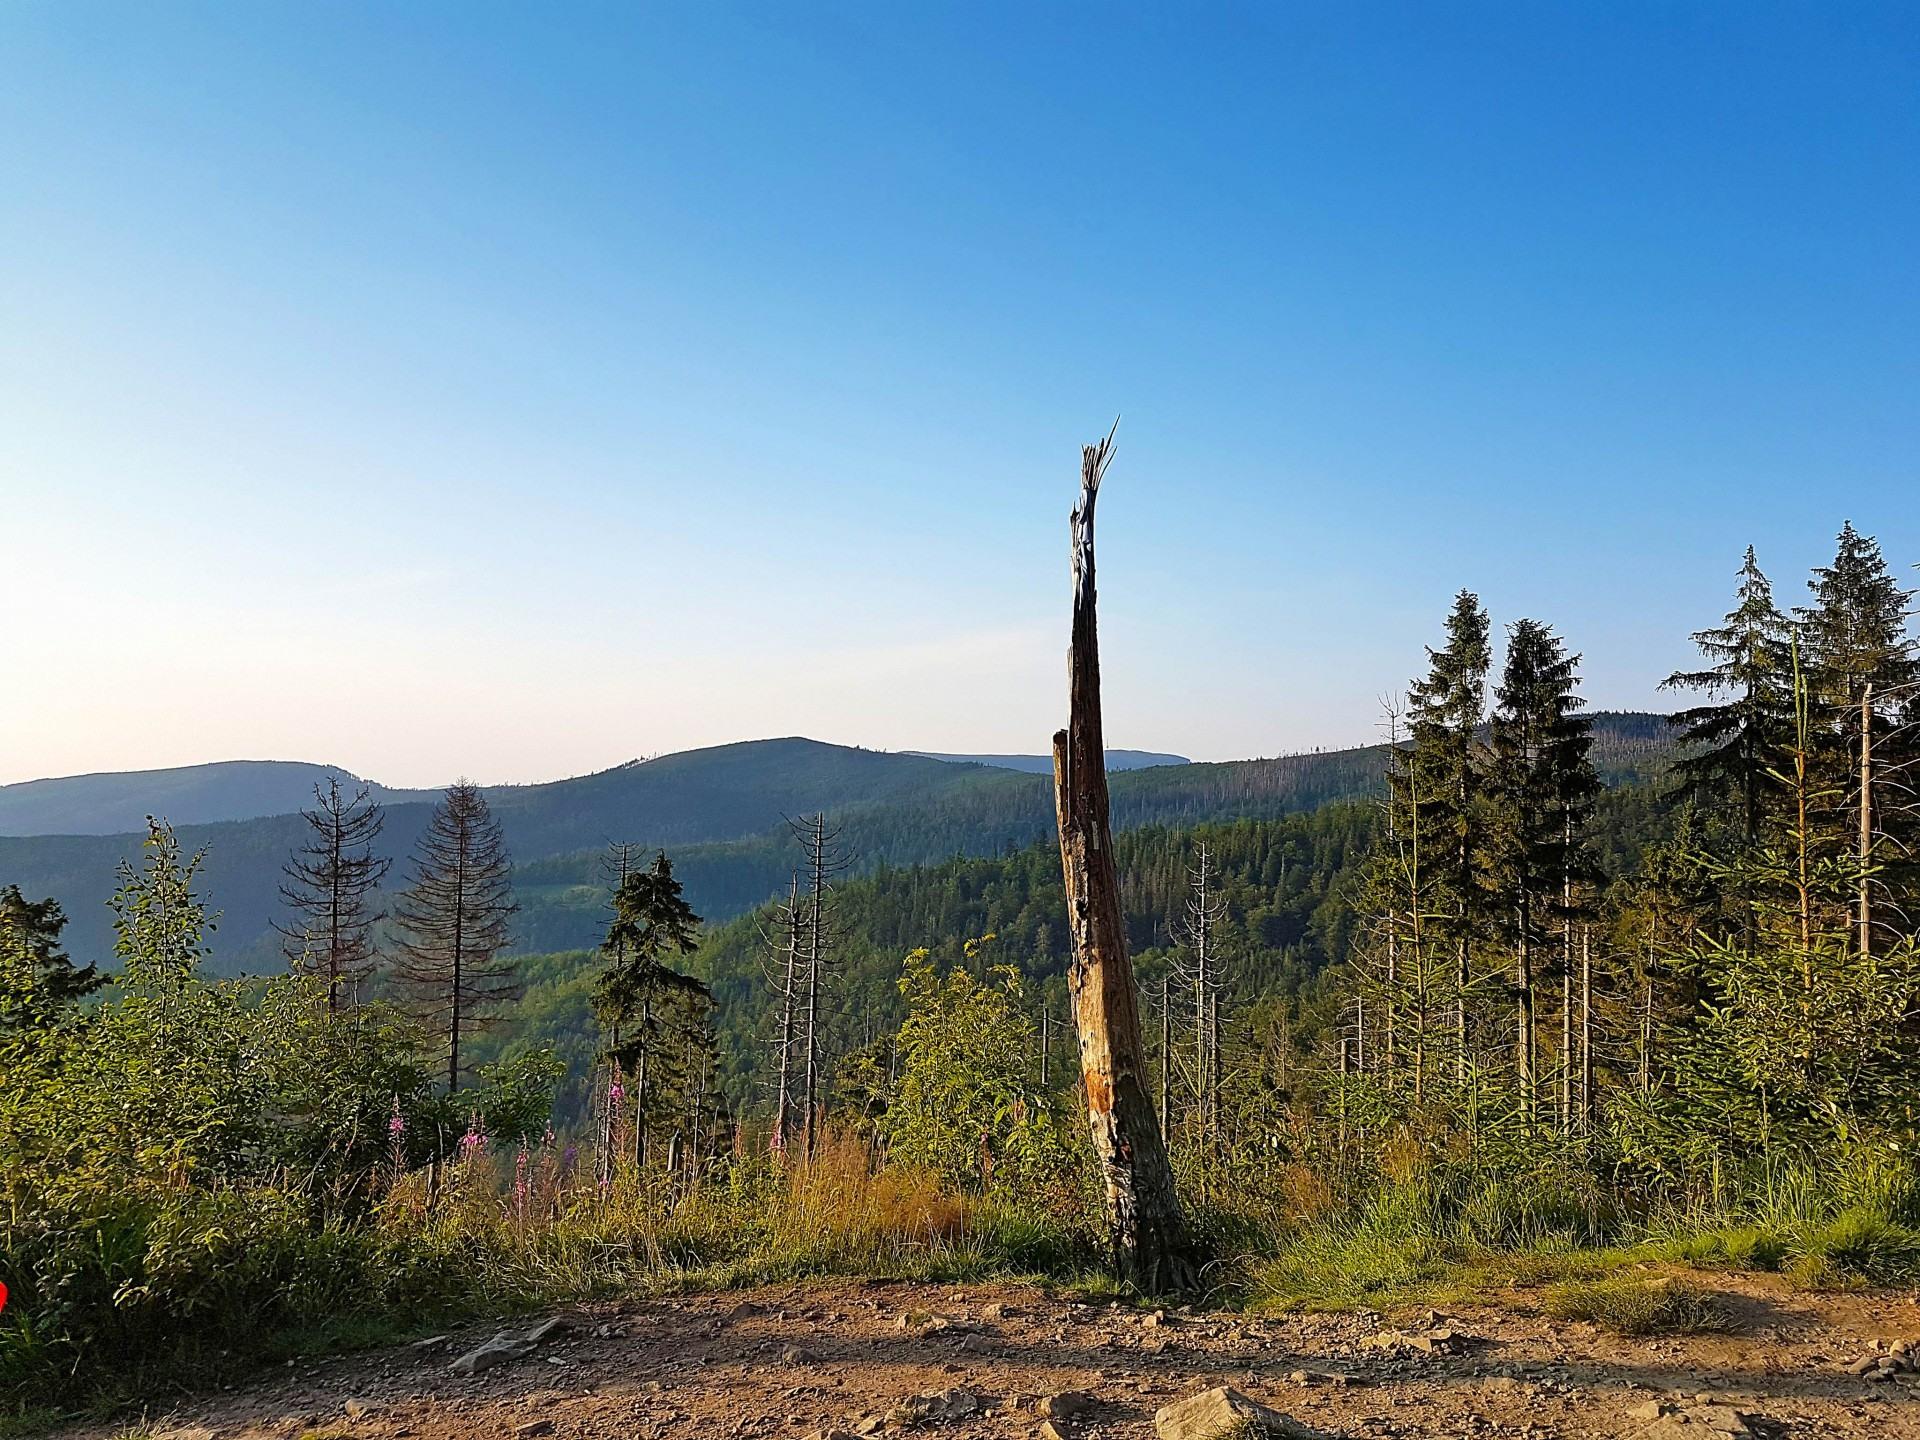 Barania Góra, widok ze szlaku, w pobliżu domków nad Jeziorem Żywieckim, Rozmaryn